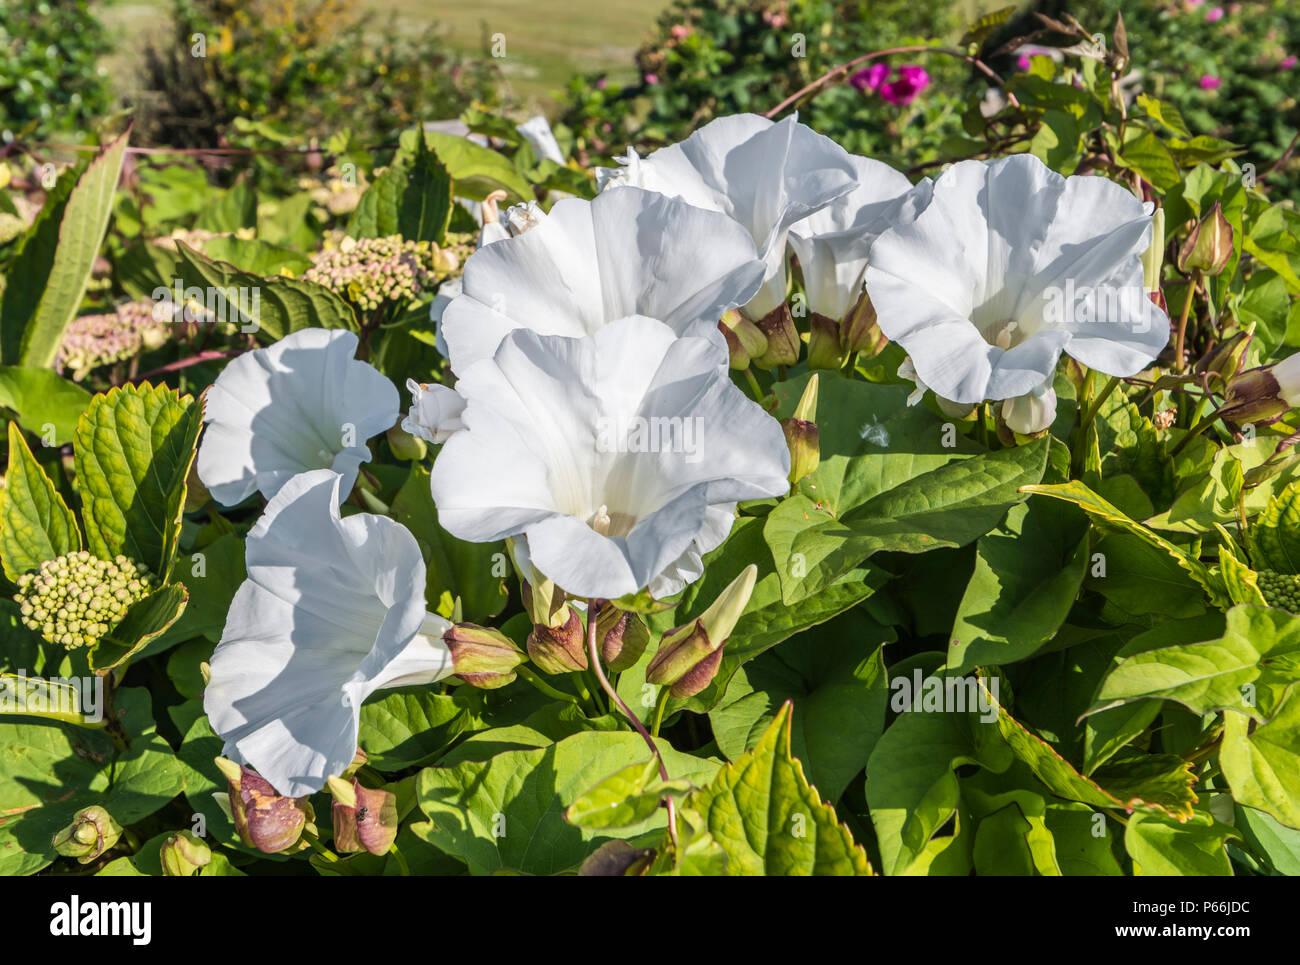 White Trumpet Flowers of the Hedge Bindweed (Calystegia sepium, Rutland beauty, Bugle vine, Heavenly trumpets, bellbind) in Summer in West Sussex, UK. - Stock Image